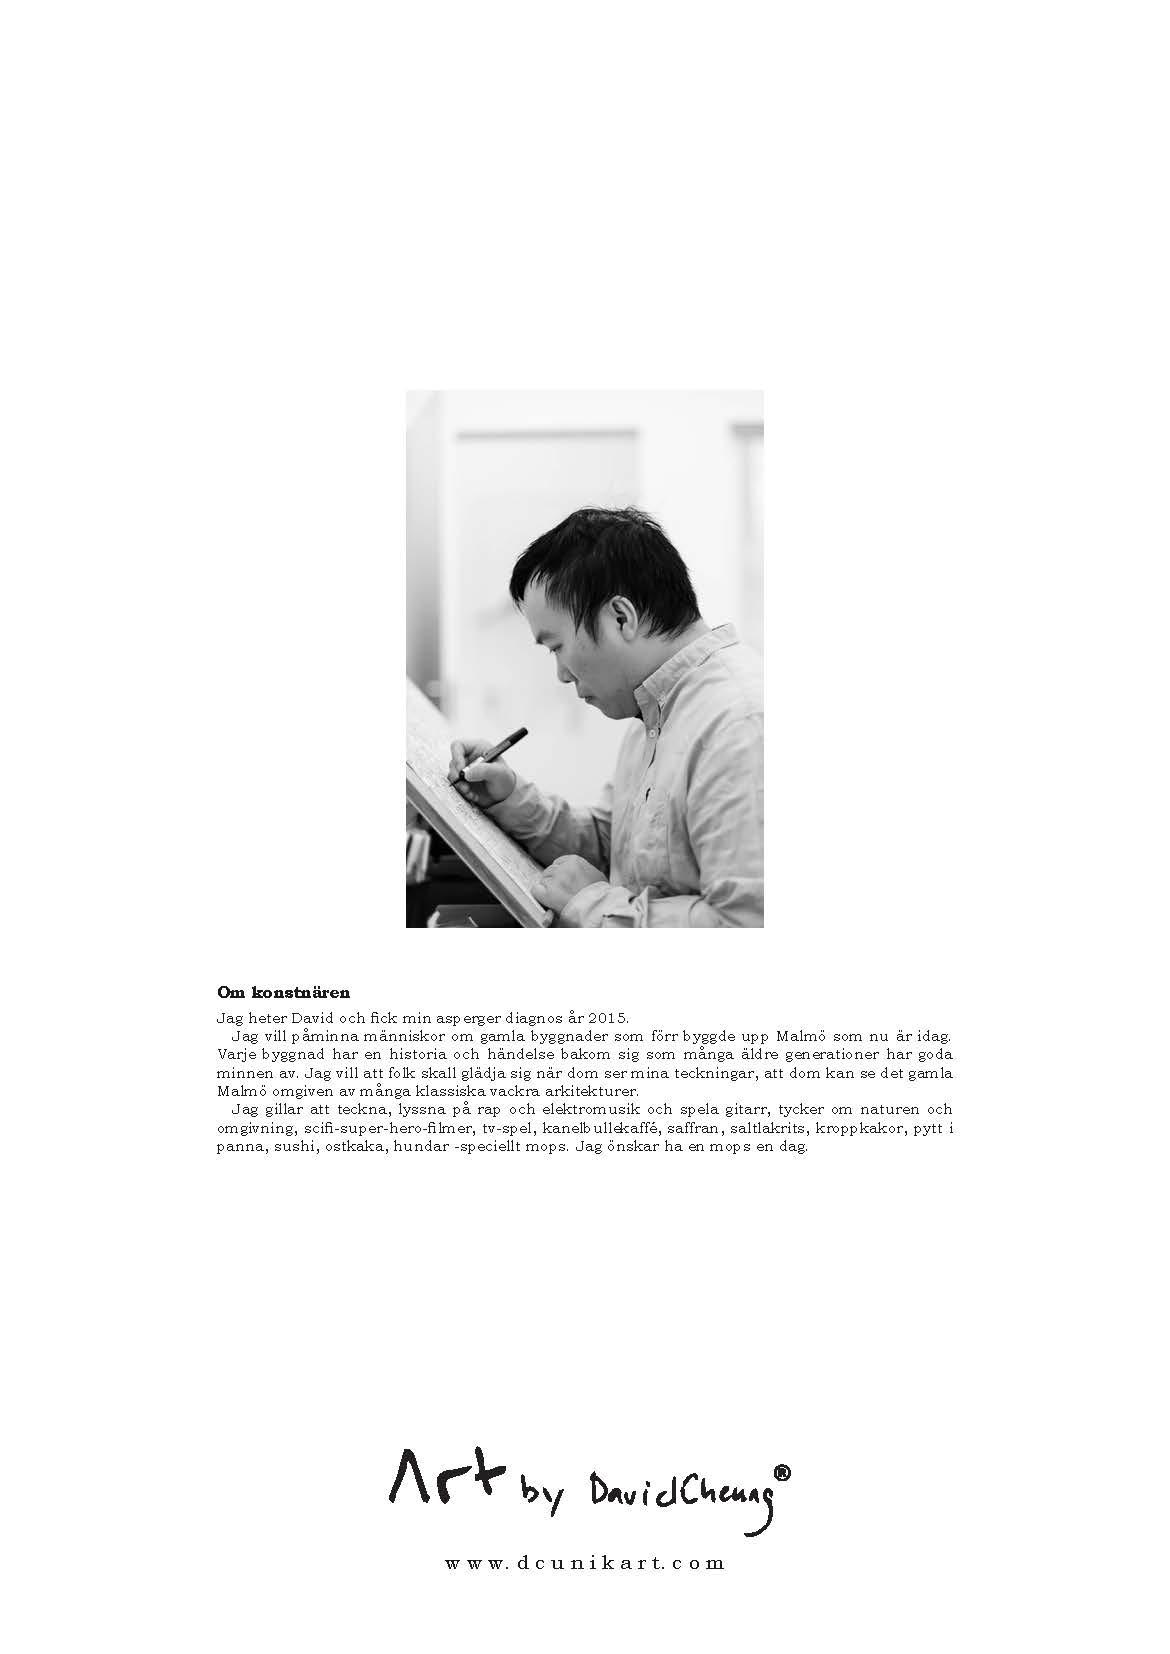 UnikArt David Cheung